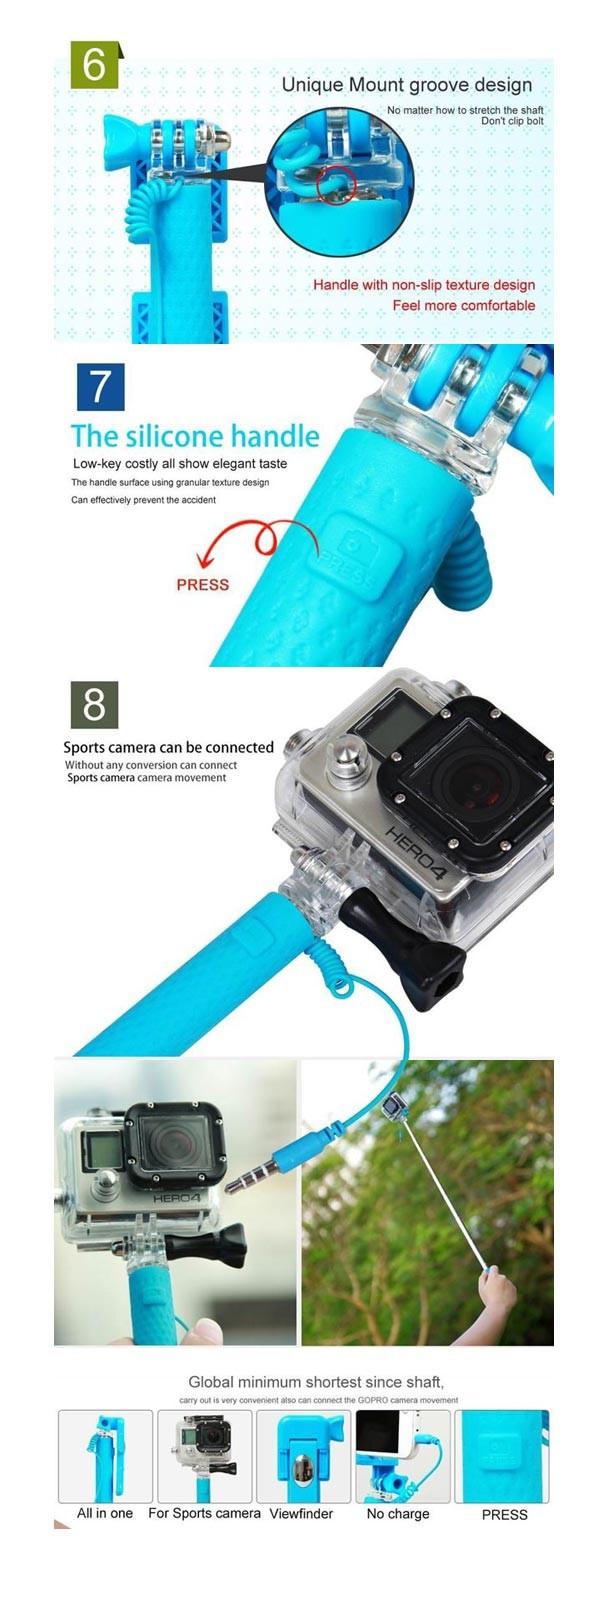 Bastone icanany rk - Mini3 wireless portatile pieghevole estensibile Clip multifunzione selfie per ios android iphone GOP